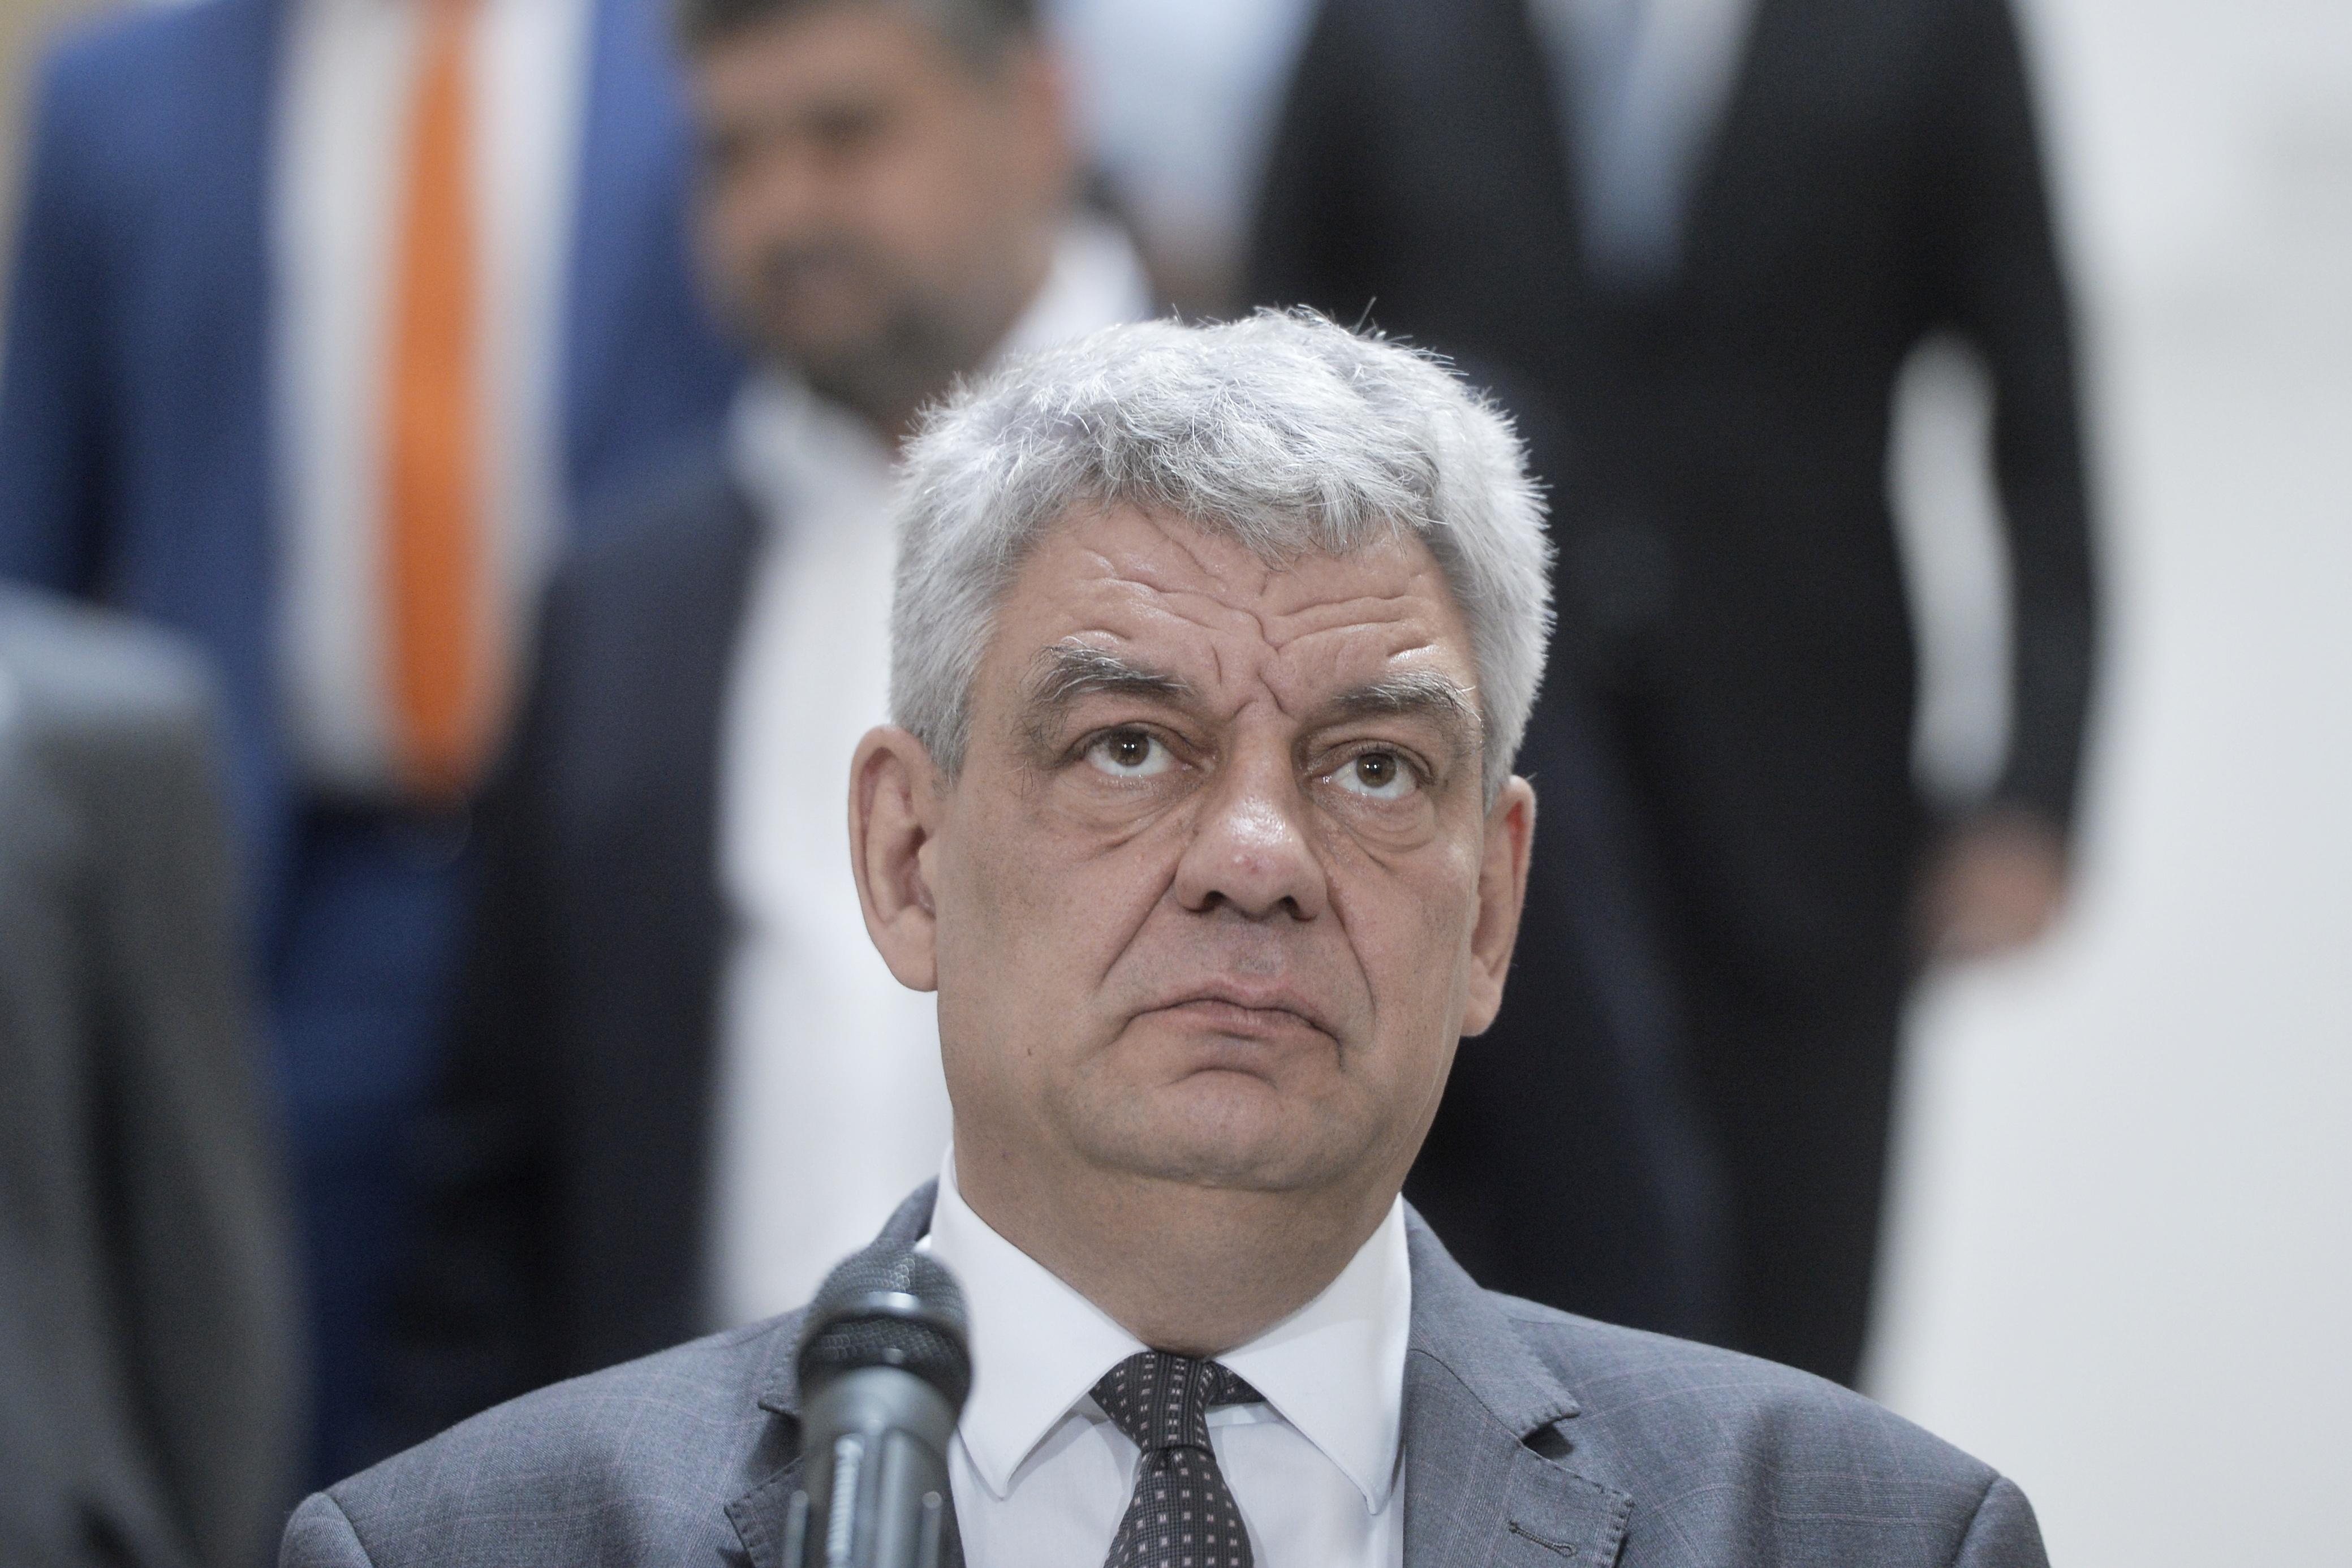 Prima vizită în calitate de premier | Mihai Tudose se va afla, săptămâna viitoare, la Bruxelles. Cu ce oficiali europeni se va întâlni acesta